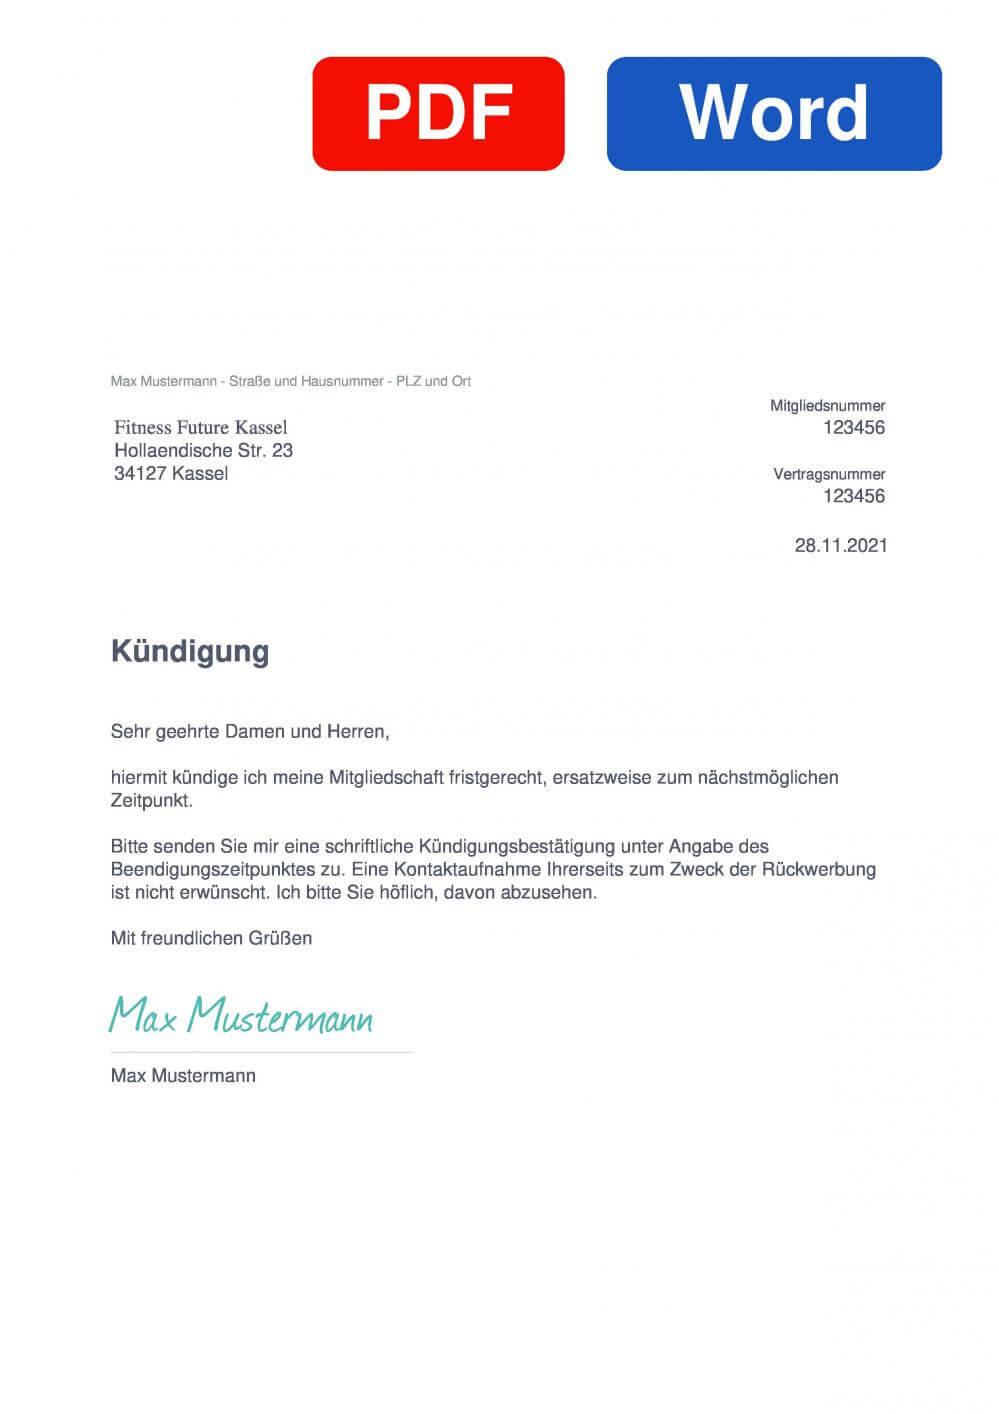 FitnessFuture Kassel Muster Vorlage für Kündigungsschreiben